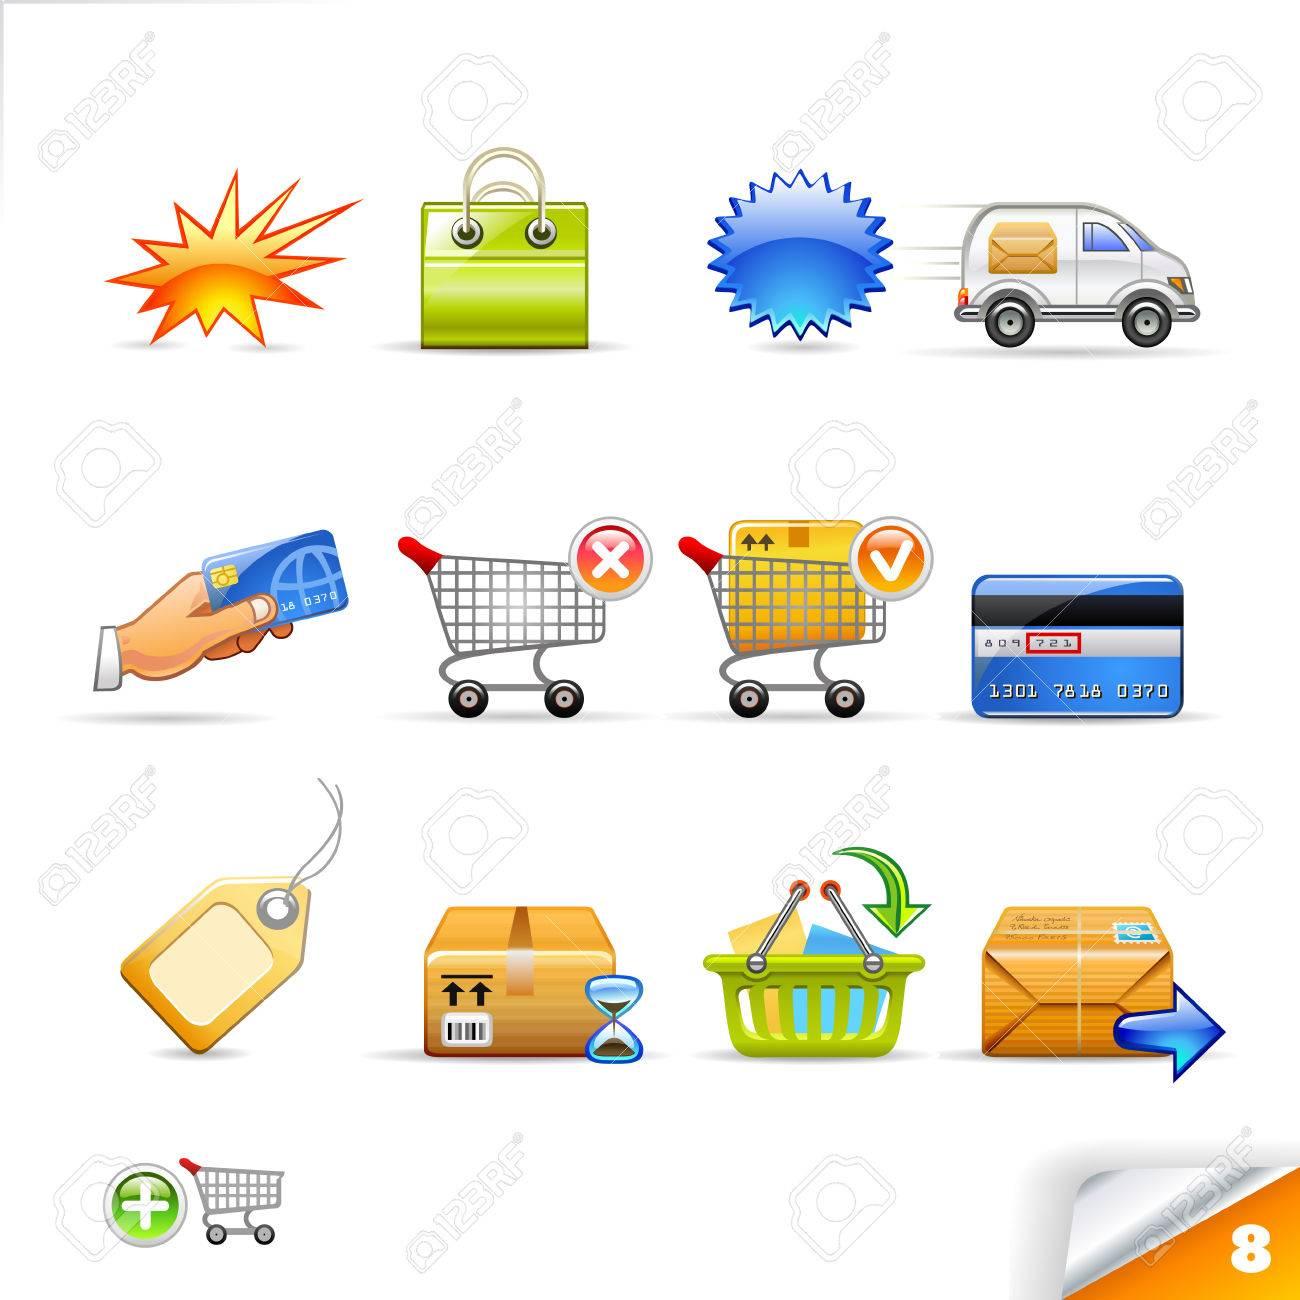 icon set 8  E-commerce Stock Vector - 5113751